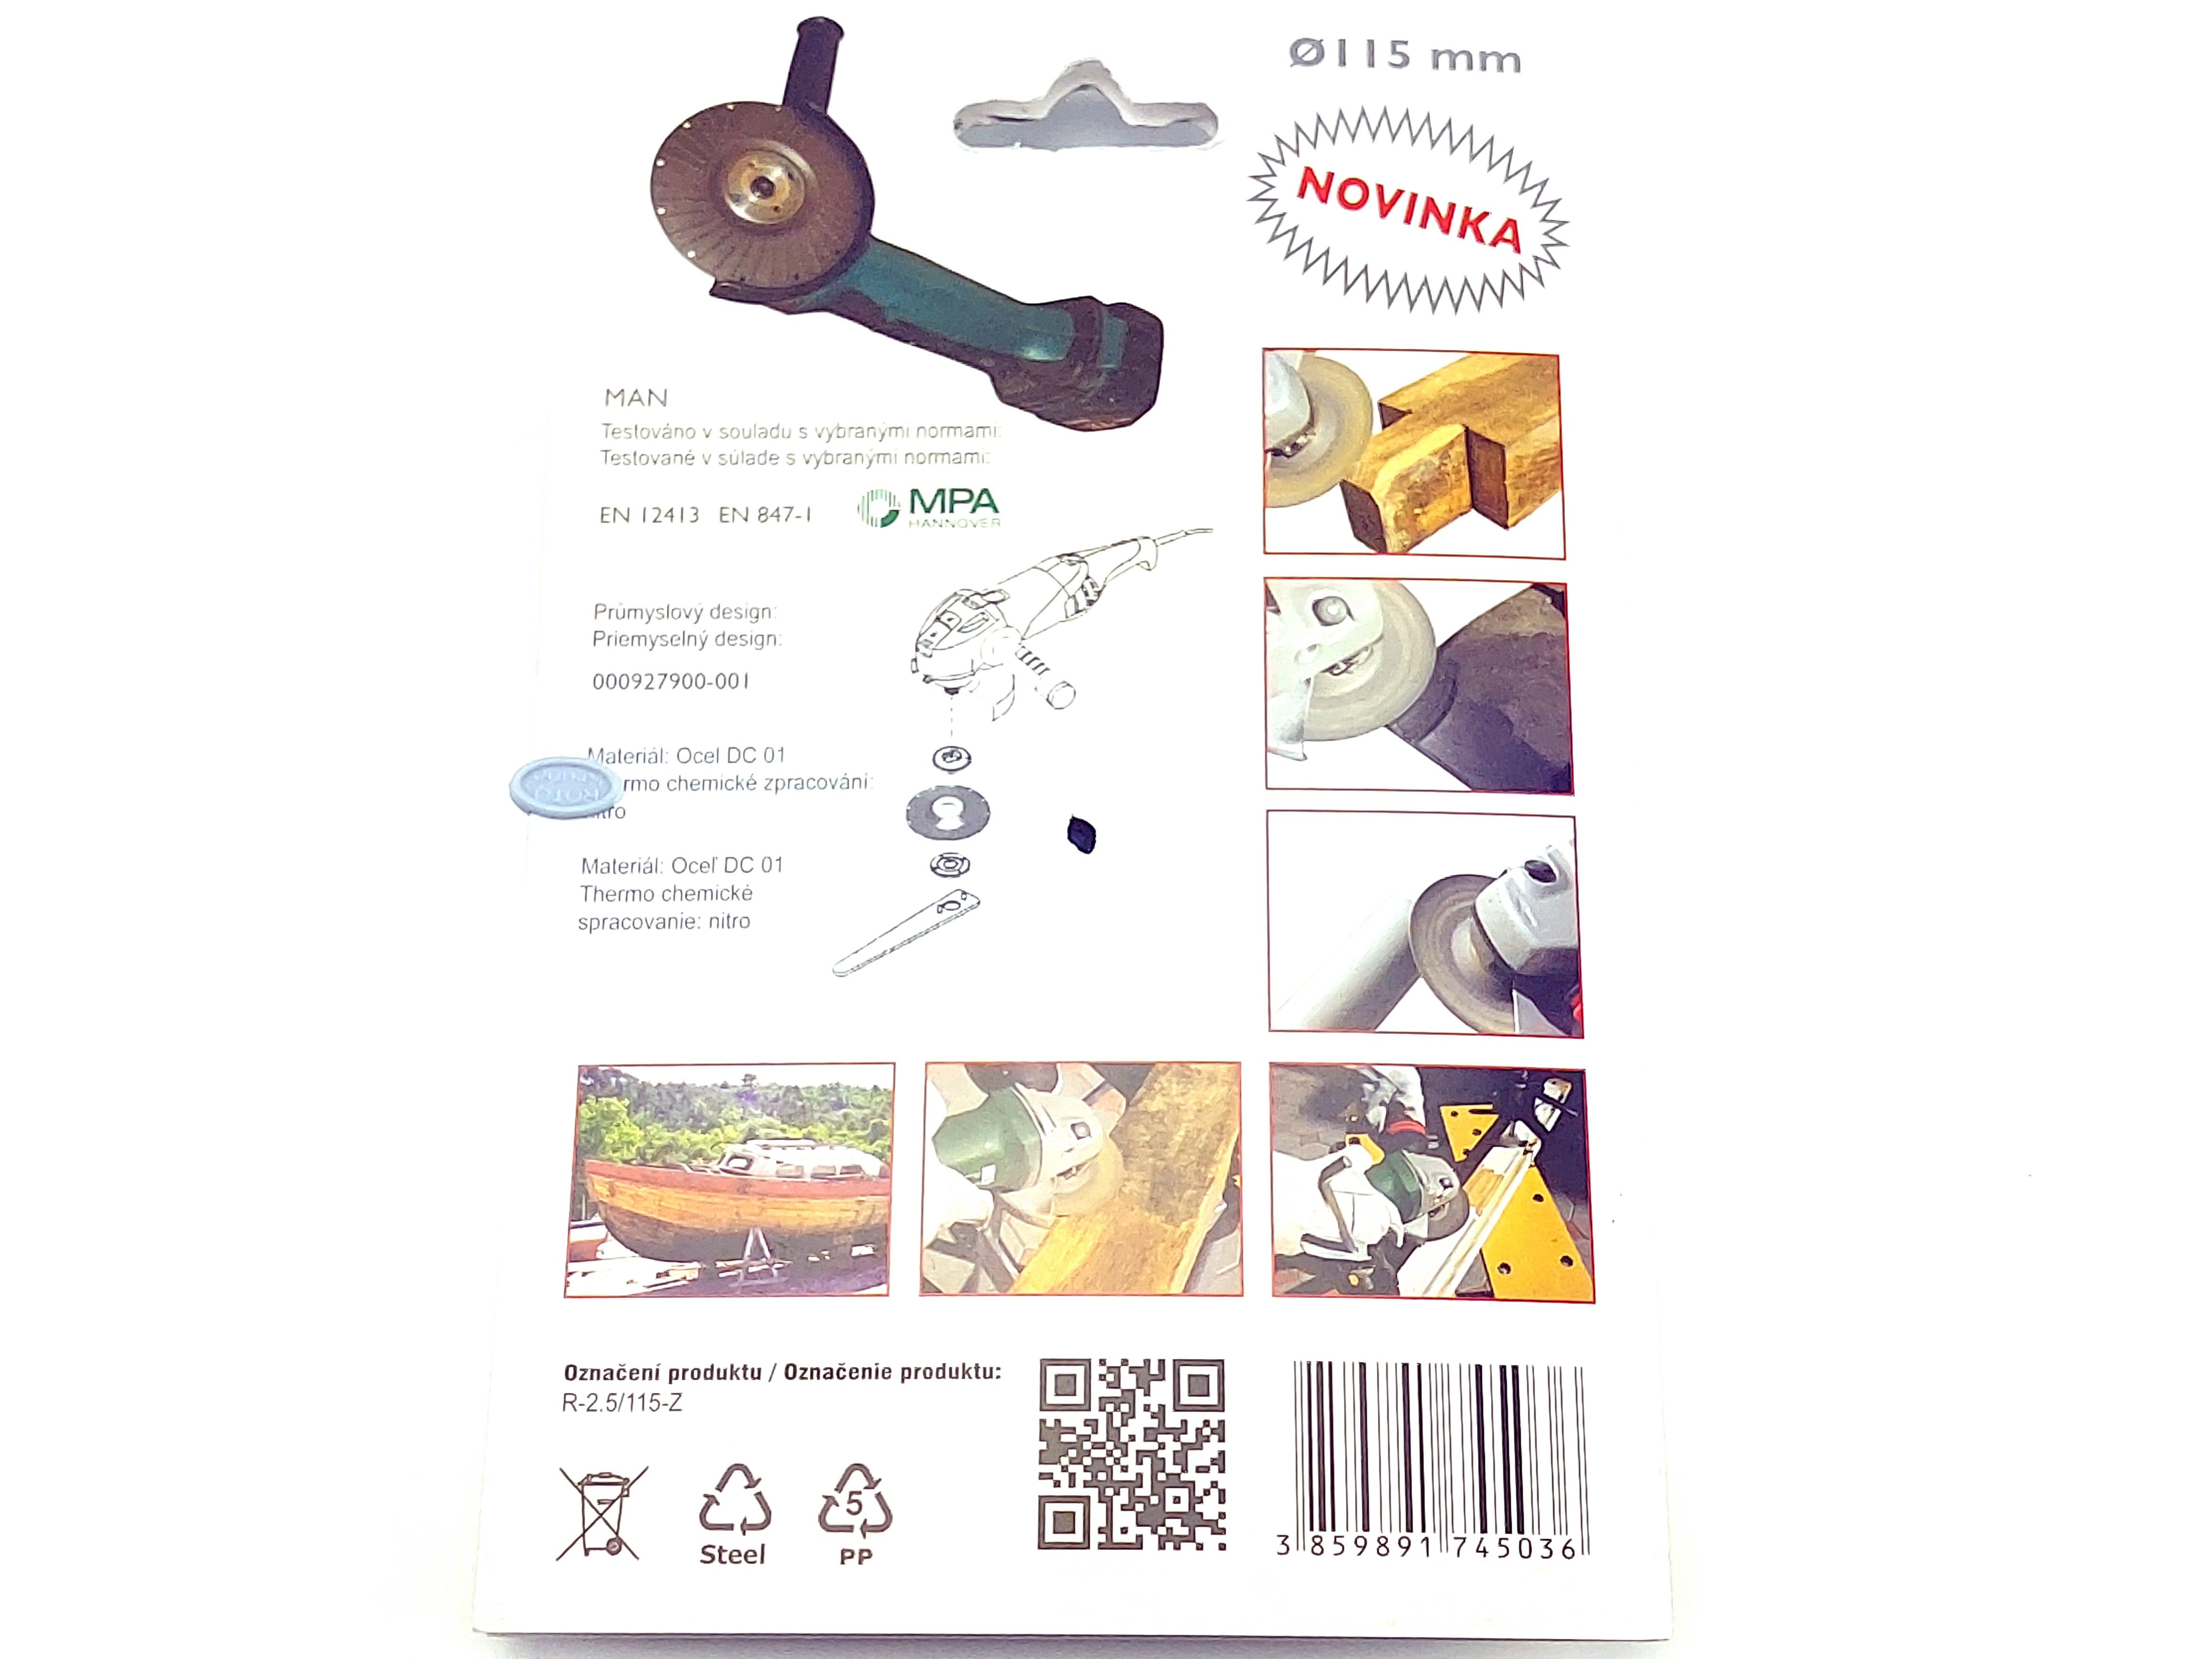 Rotační rašple do úhlové brusky 115x22,2mm - hrubá čepel 2,5mm